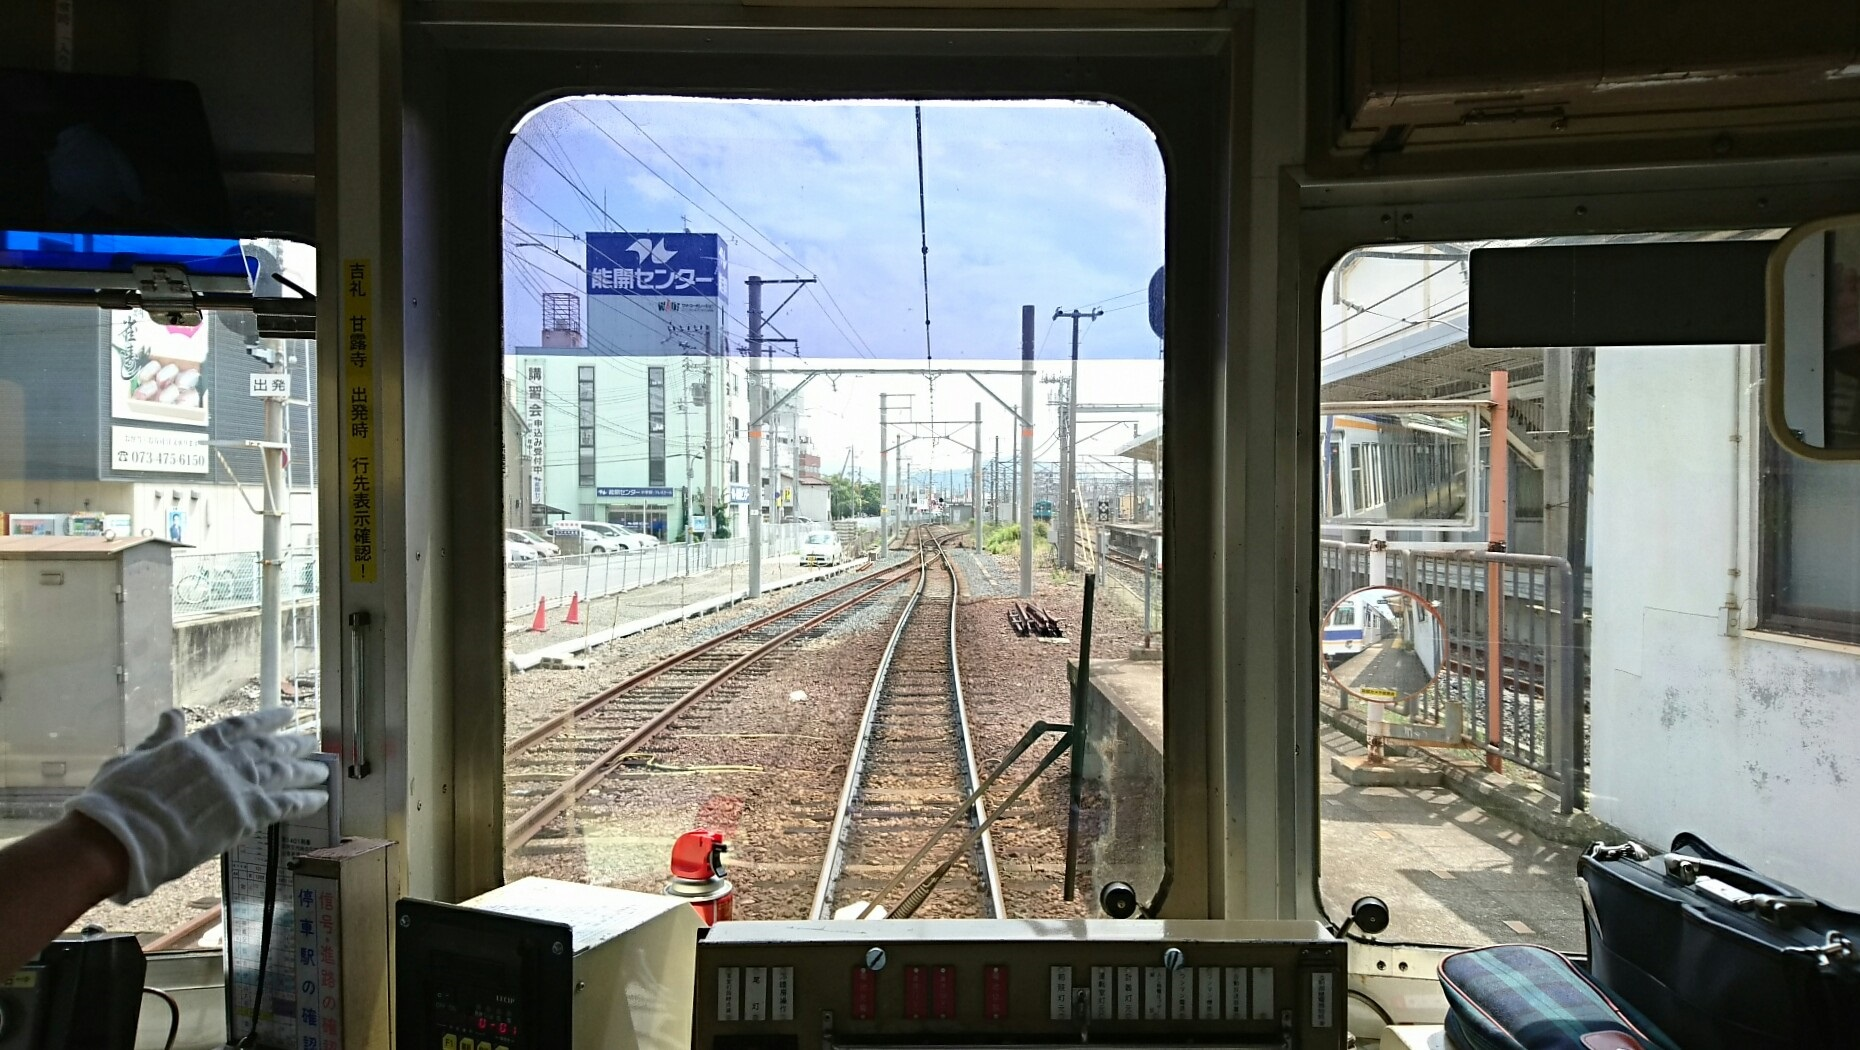 2017.8.17 たま電車 (11) 貴志いきふつう - 和歌山しゅっぱつ 1860-1050